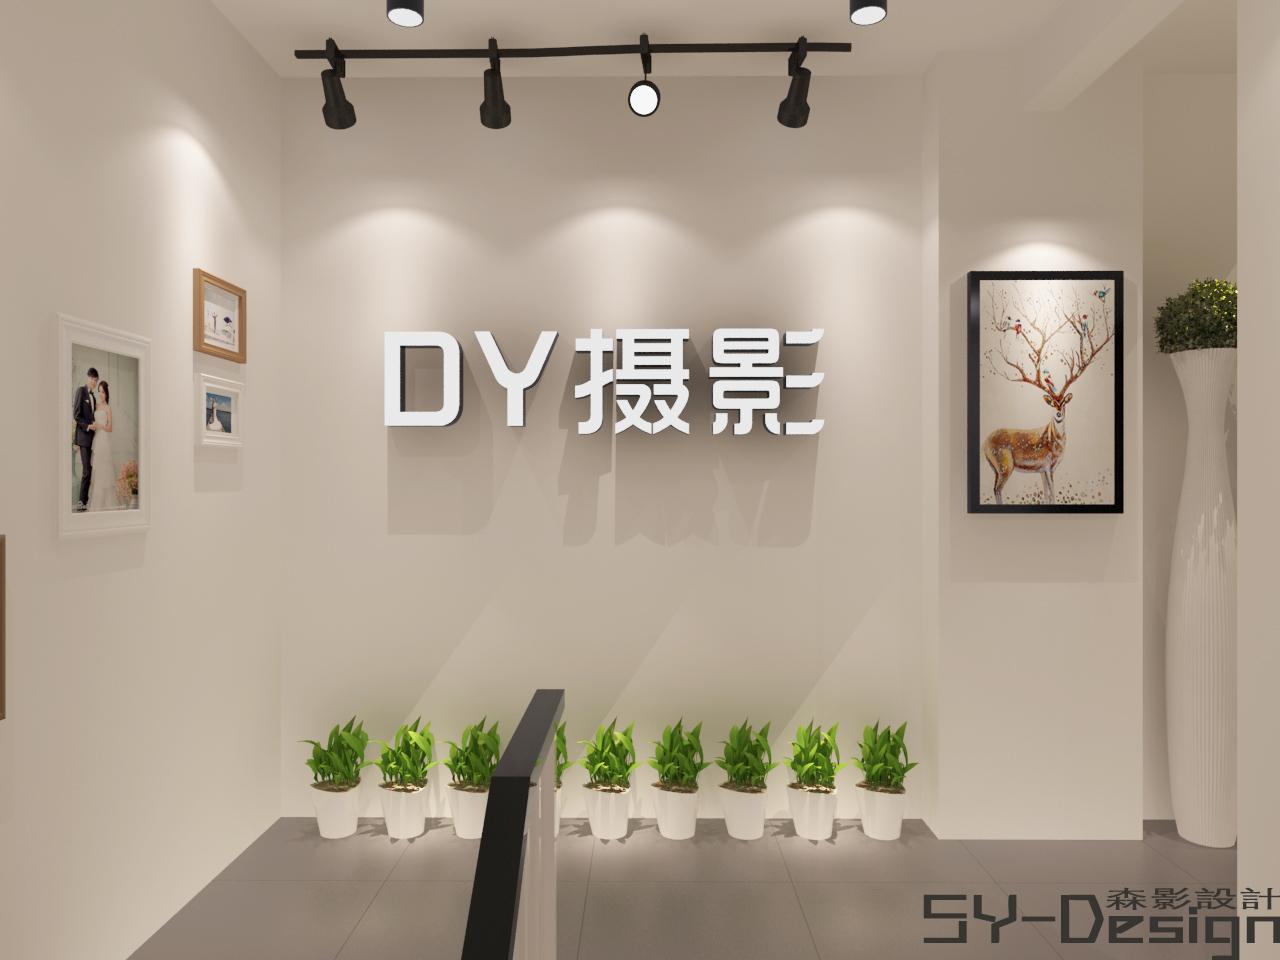 山东烟台DY摄影